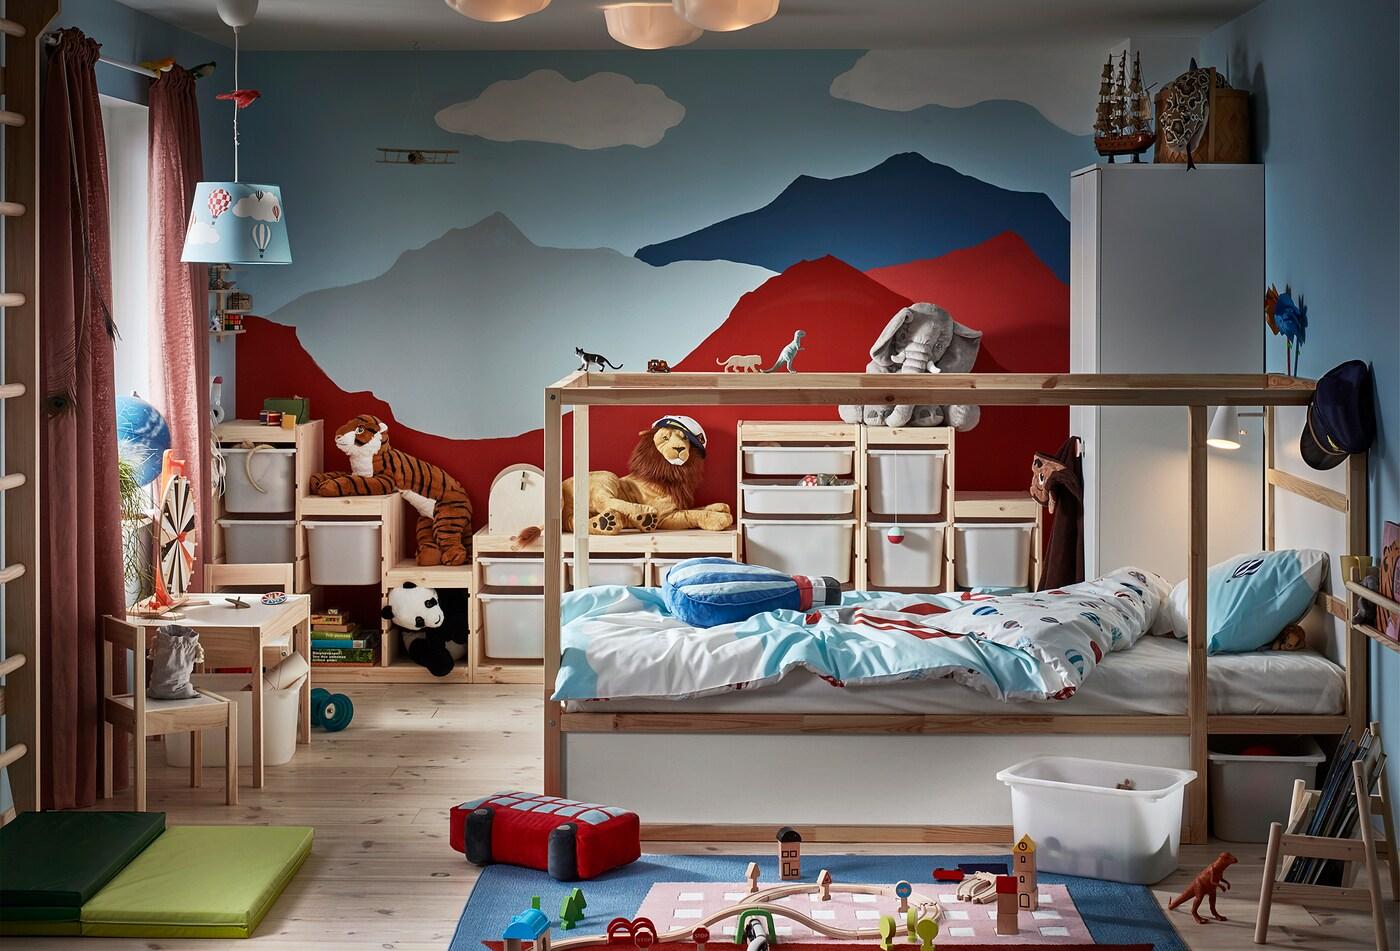 Dětský pokoj s výraznou malbou hor na stěně. Postel, ribstole, hračky a spousta úložných dílů